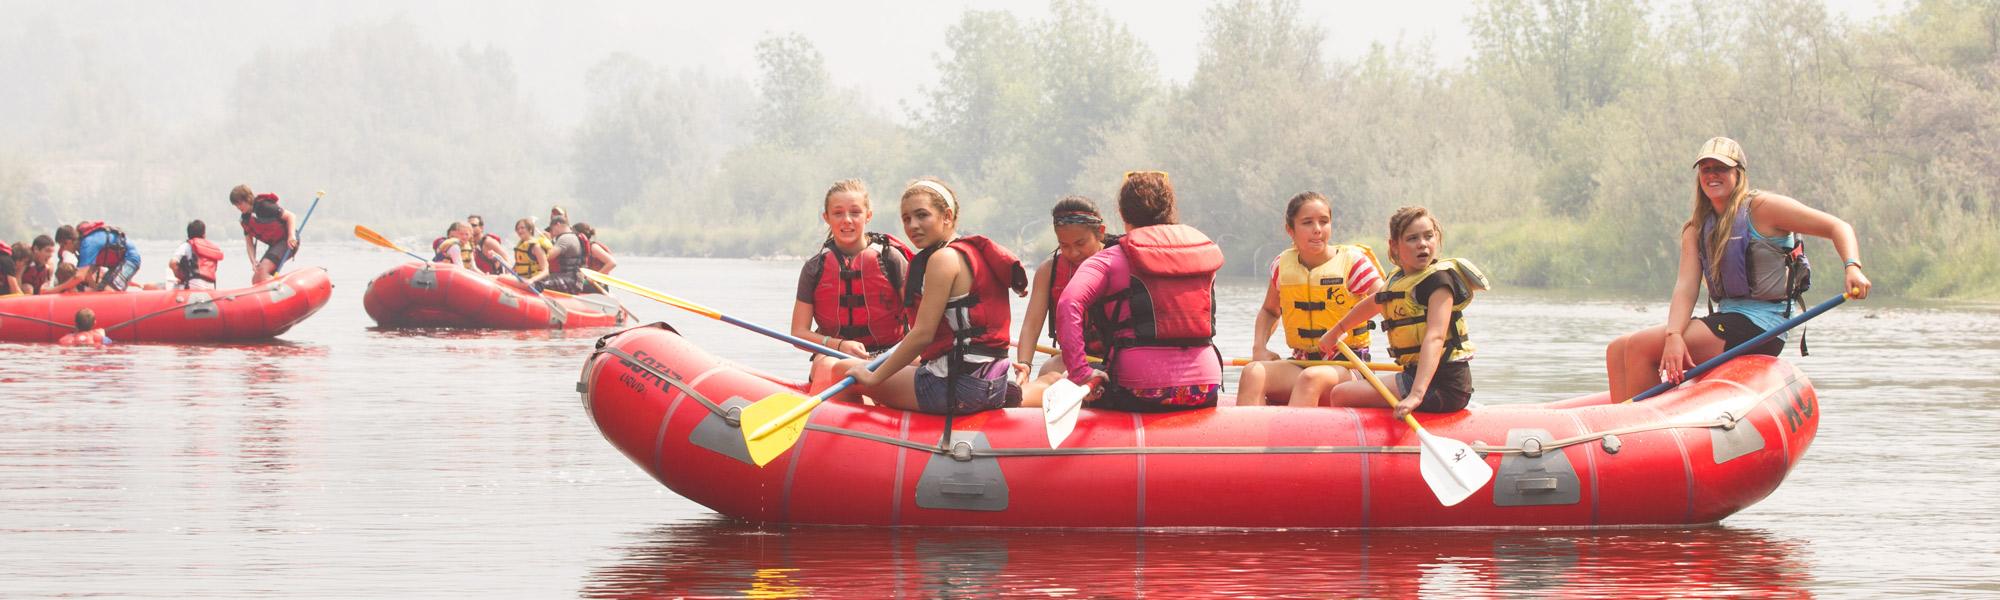 Kidder Creek Kayaking